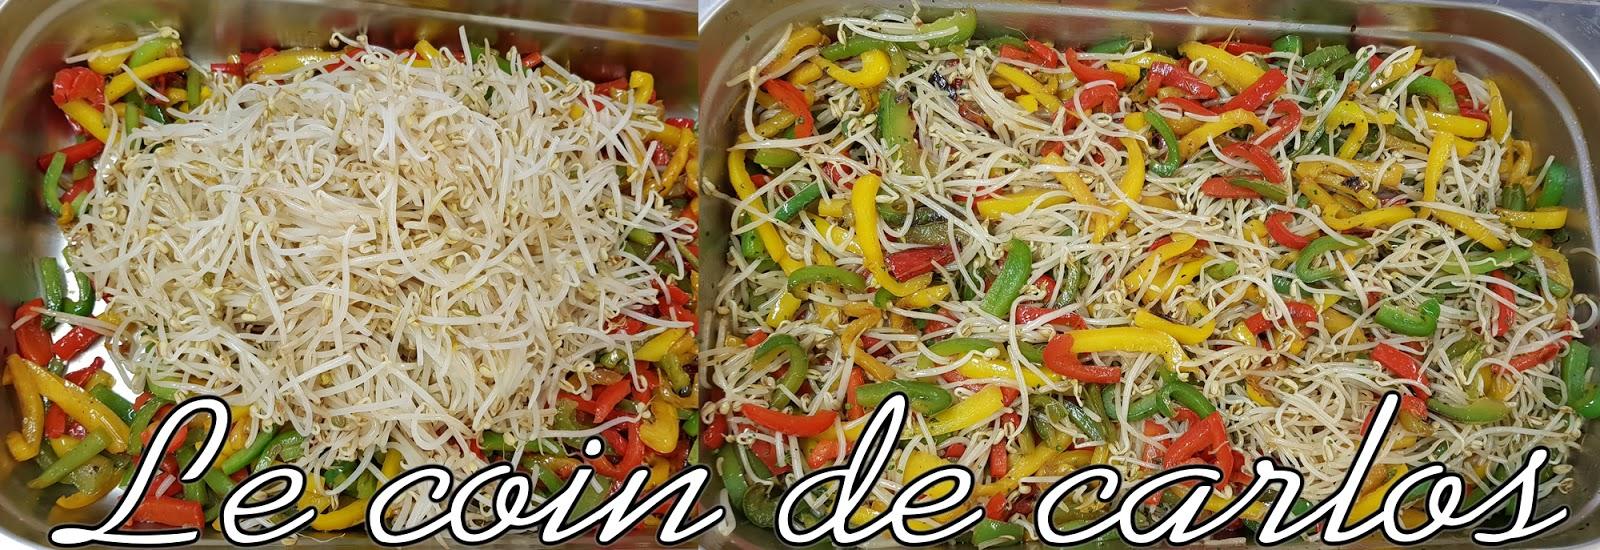 Le coin de carlos wok aux poivrons et pousses de soja - Cuisiner des pousses de soja ...